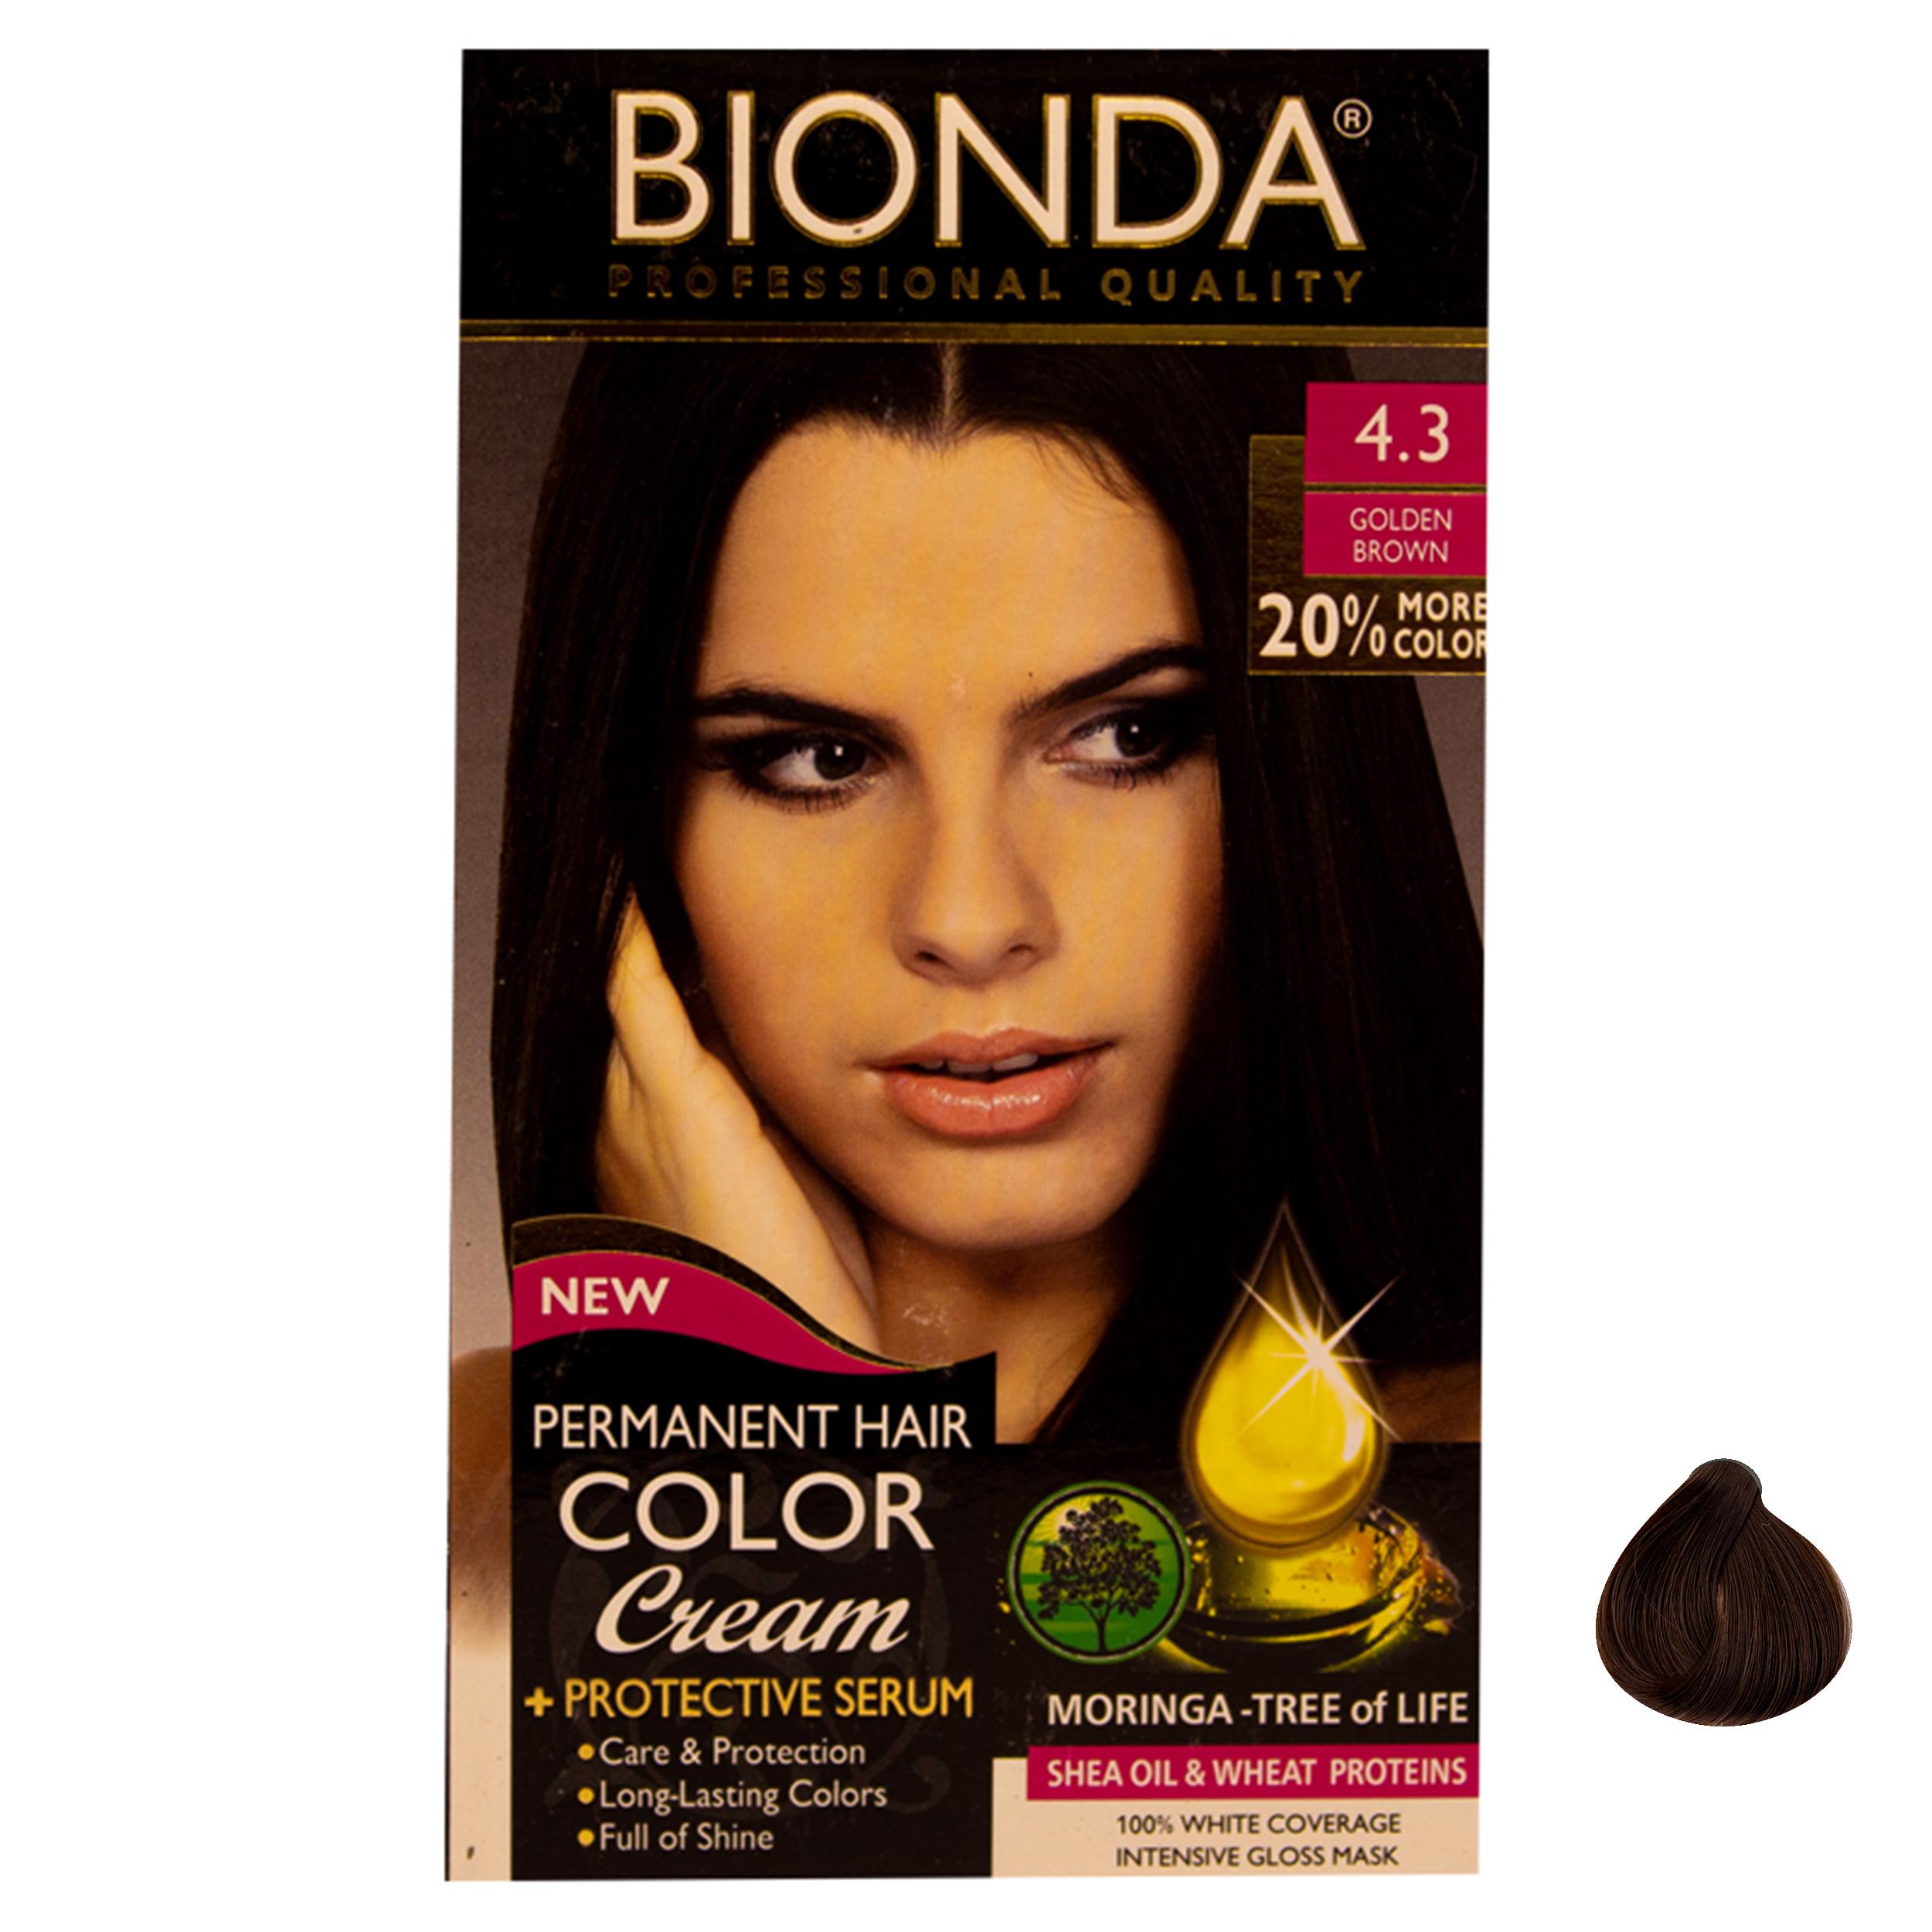 کیت رنگ مو بیوندا کد 4.3 حجم 60 میلی لیتر رنگ قهوه ای طلایی